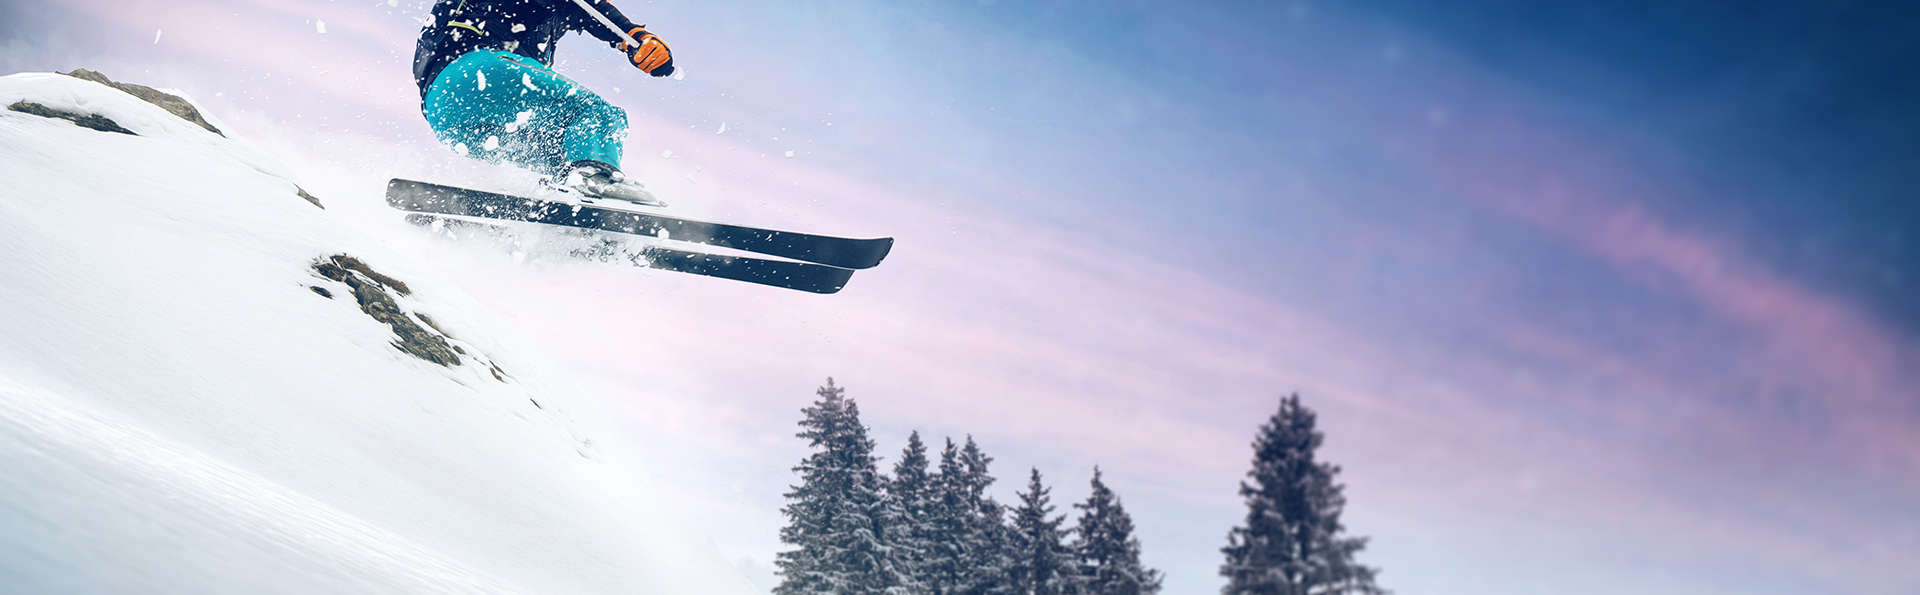 Ski et détente au coeur des Alpes, à Valmorel (forfaits inclus)